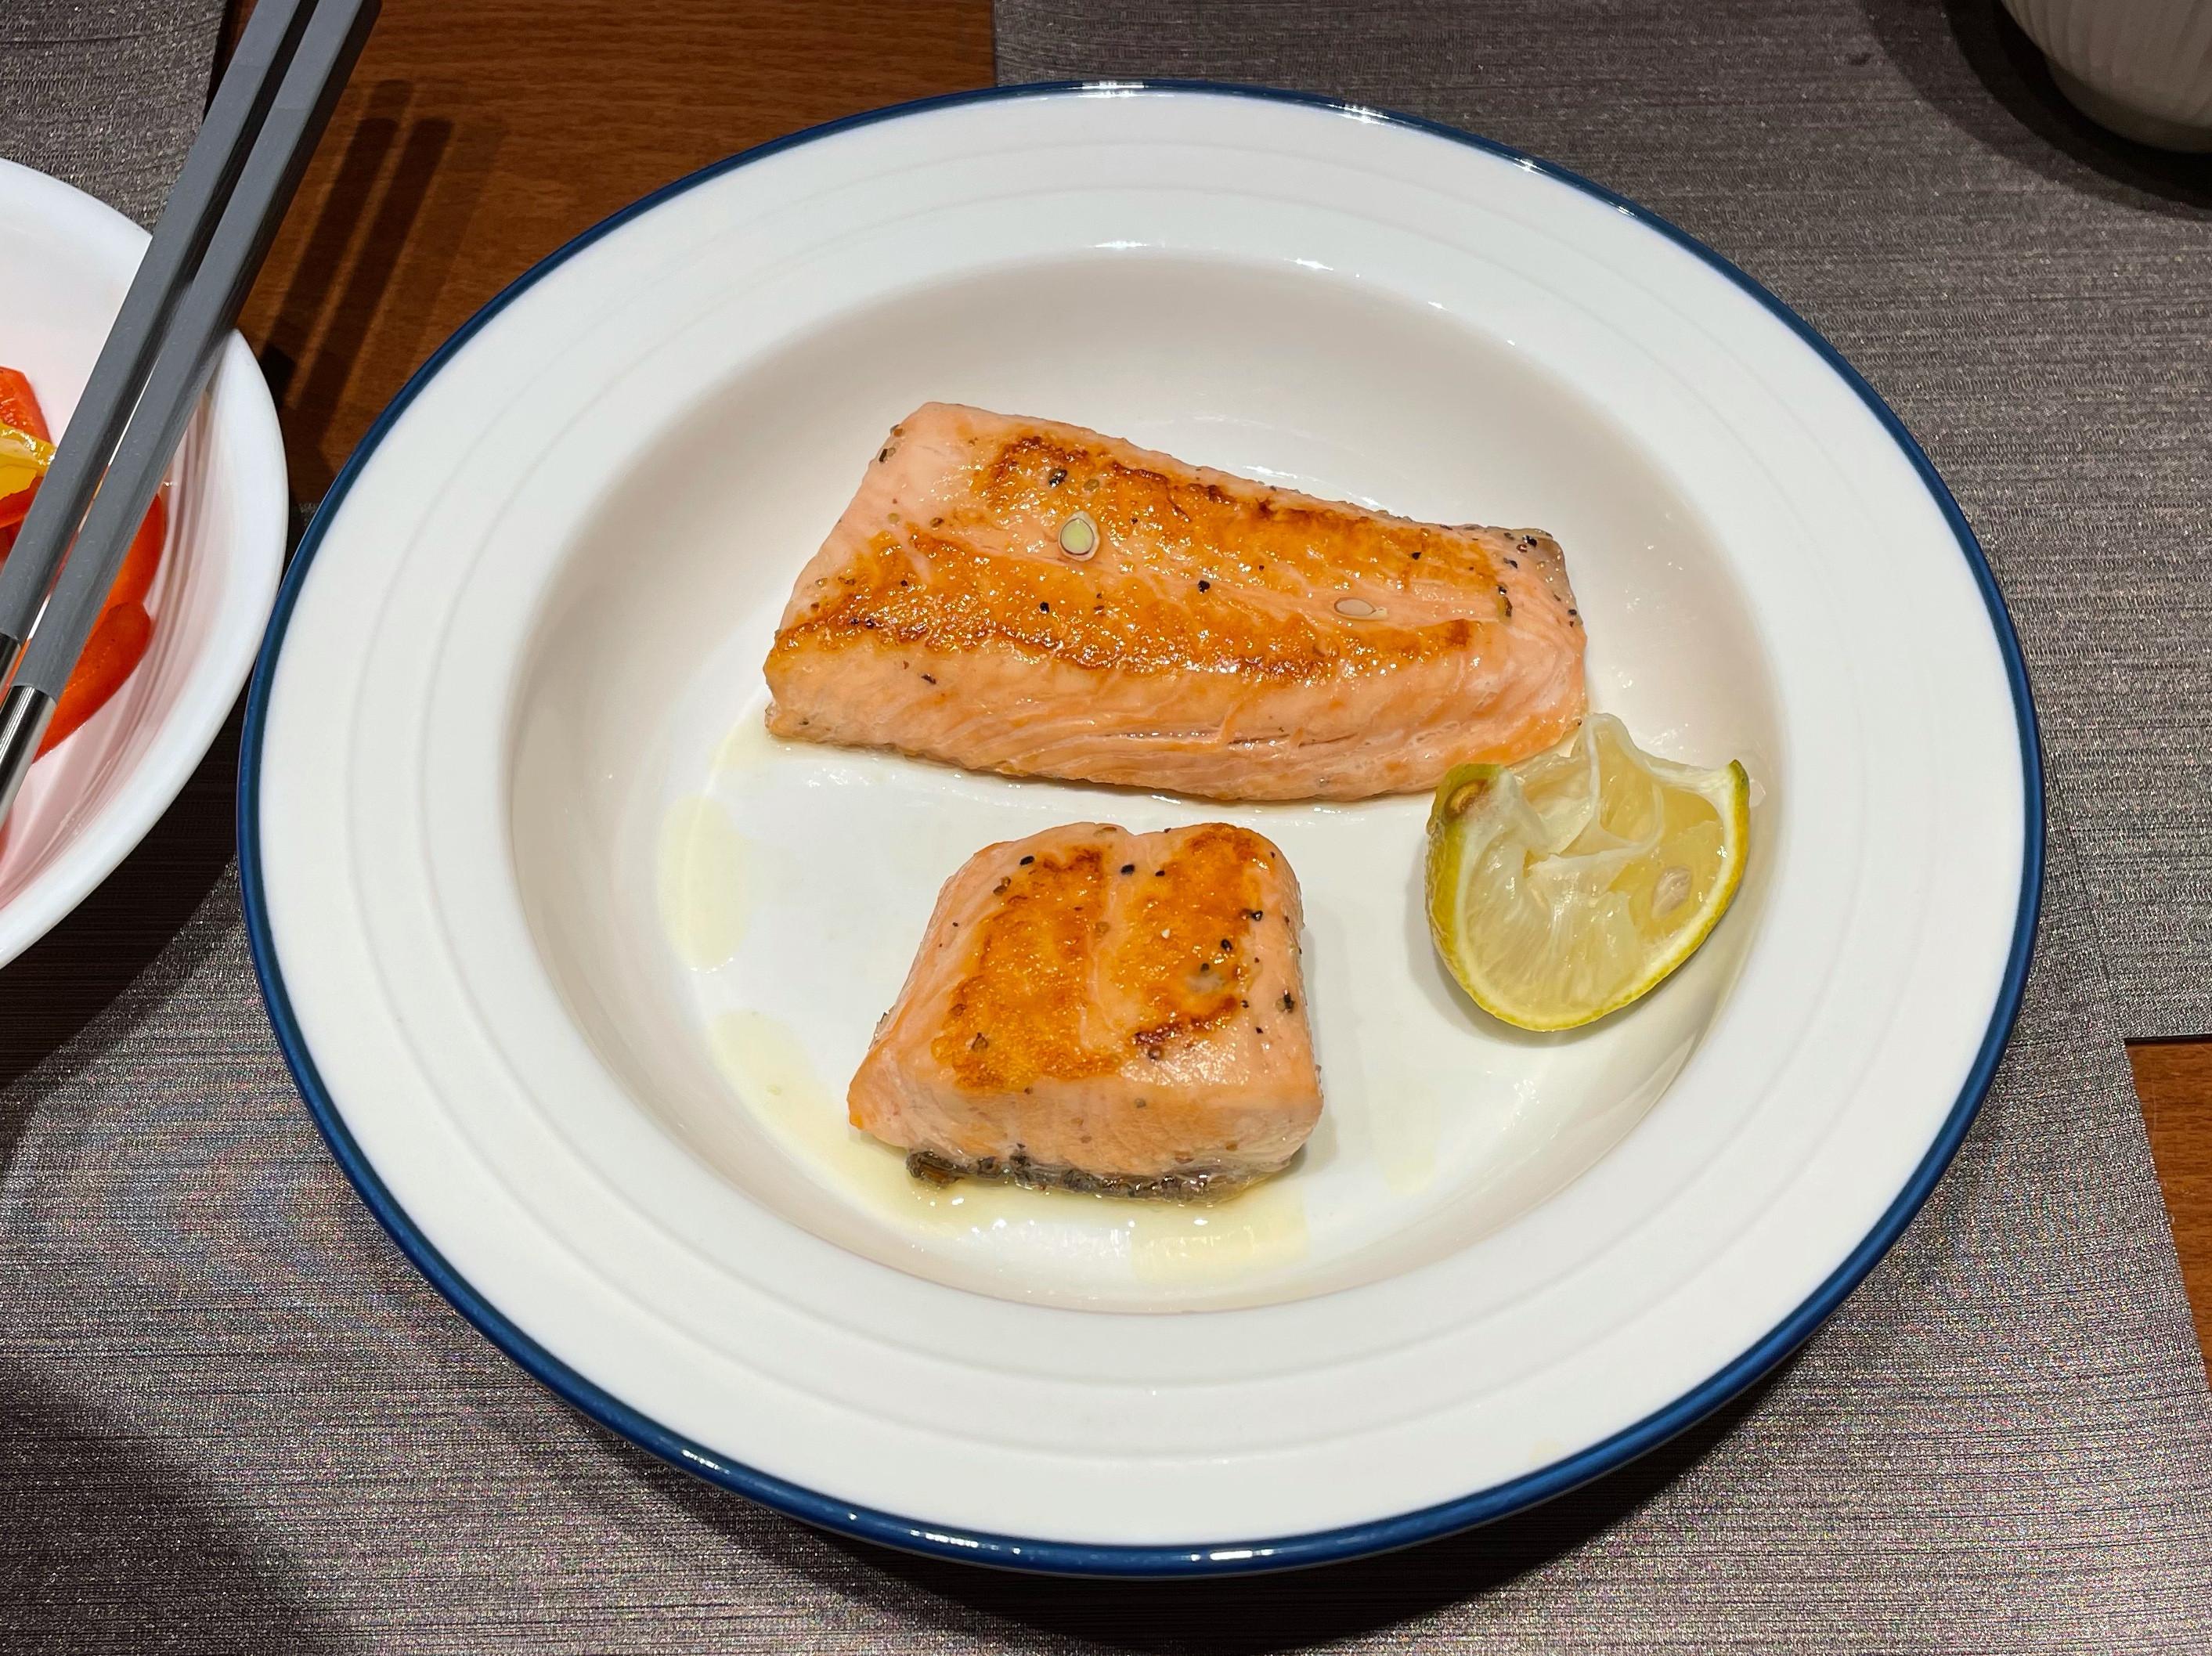 打疫苗補充omega-3 香煎鮭魚佐檸檬